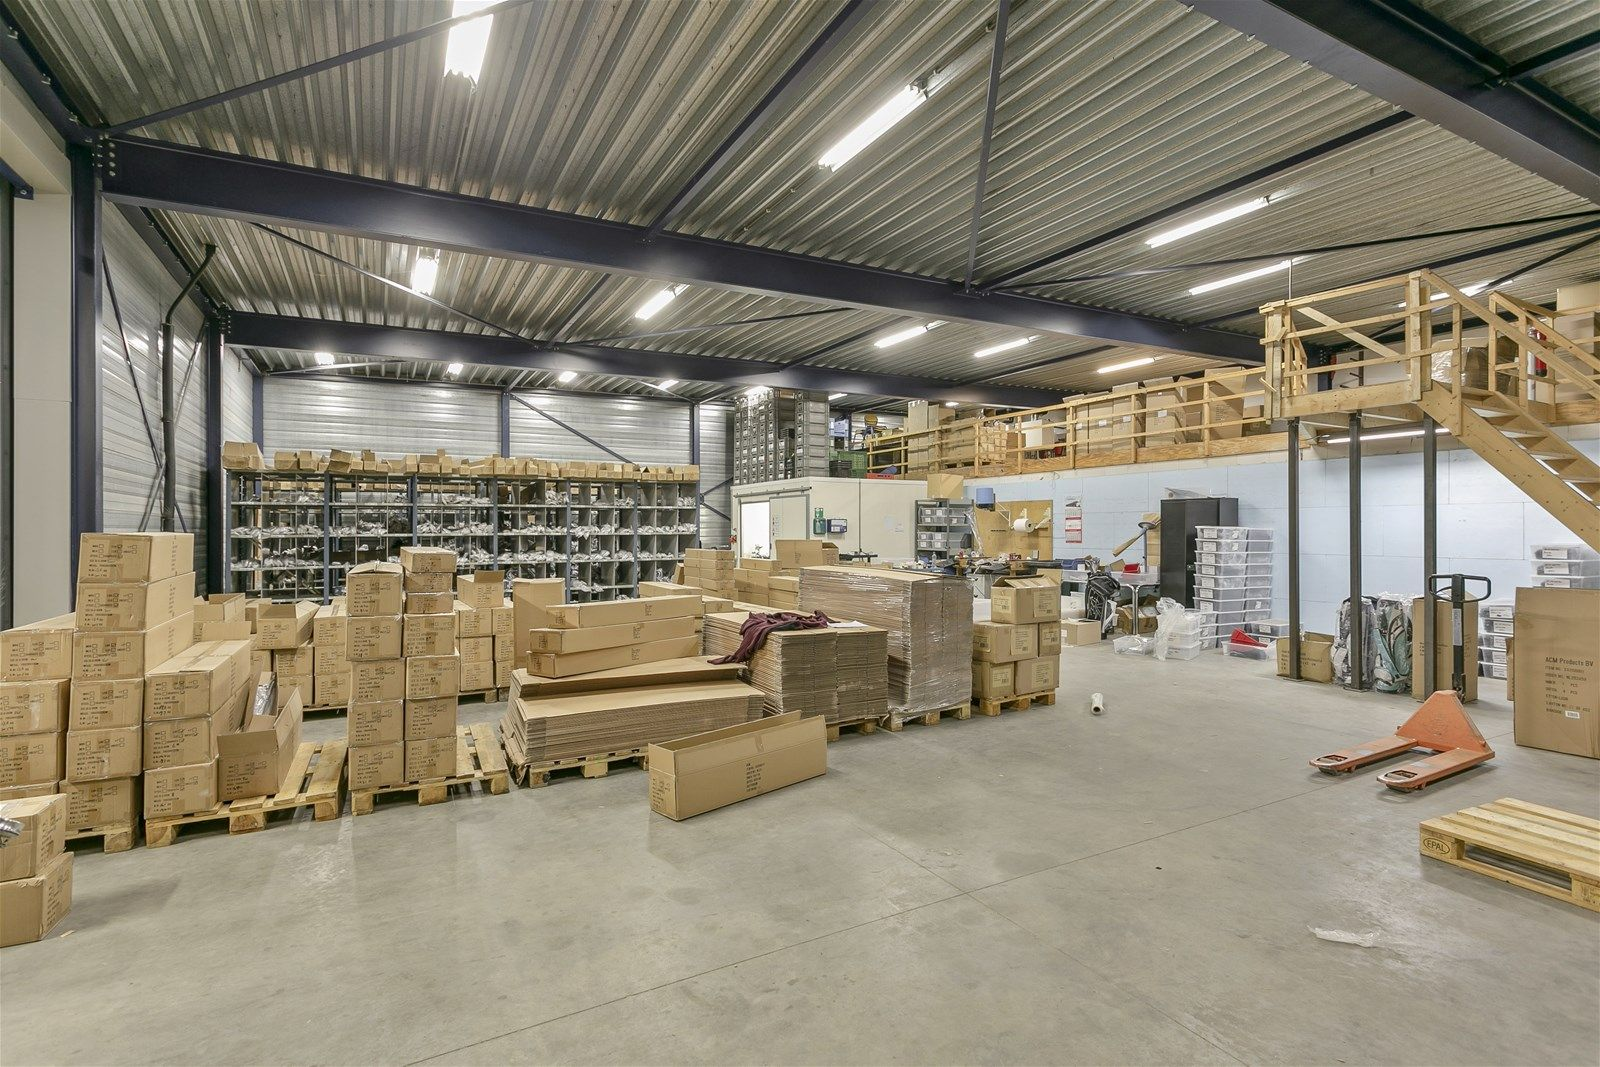 Dit bedrijfspand met verdieping is heeft een uitstekende locatie op industrieterrein Vosdonk te Etten-Leur. Het pand is geschikt voor verschillende doeleinden mede door de mogelijkheid om het pand te herindelen.  De ligging van het bedrijfspand is ideaal; goed bereikbaar zowel aan de voor- als achterzijde, eigen parkeerplaatsen en een goede ontsluiting met de A58(Breda/Etten-Leur/Roosendaal).  Het pand heeft een ruime showroom aan de voorzijde. Aan de linkerzijde van het pand bevindt zich een opslagruimte met sectionaal deur. Het pand bestaat daarnaast uit een tweetal grote magazijnen aan de achterzijde, toegankelijk middels een tweetal sectionaal deuren. Op de eerste verdieping is een kantine met keuken en diverse kantoorruimtes.   LIGGING  Industrieterrein Vosdonk is een groot regionaal bedrijventerrein in gemeente Etten-Leur. Het terrein is centraal gelegen tussen de steden Breda en Roosendaal en is gelegen aan de Rijksweg A58 (Breda- Roosendaal) welke binnen 5 autominuten aansluiting biedt op de A16 (Rotterdam-Antwerpen).  Ook  vanuit de stad Breda is de bereikbaarheid optimaal. Het terrein heeft een groot buitenterrein met aan de voorzijde 22 parkeerplaatsen. De achterzijde is goed bereikbaar middels een eigen ontsluitingsweg.   BOUWAARD  De voorzijde van het pand alwaar zich de showroom en de kantoorruimtes bevinden is opgetrokken met baksteen (spouw). De kozijnen zijn van kunststof en zijn voorzien van dubbele beglazing. De loodsen aan de linkerzijde en de achterzijde zijn opgetrokken in damwand en voorzien van overheaddeuren.   INDELING  Te huur aangeboden ruimten-  Een tweetal loodsen/opslagruimtes aan de achterzijde van het pand met twee overheaddeuren Een kantoorgedeelte met keuken en sanitair op de 1e verdieping bereikbaar vanaf de loods  KADASTRALE GEGEVENS  Gemeente- Etten-Leur Sectie- H Nummer- 4384 Groot- 46 aren en 17 centiaren   BESTEMMINGSPLAN  Het perceel is gelegen in het bestemmingsplan -Herziening 1 Bedrijventerrein Vosdonk- van de gemeente  E